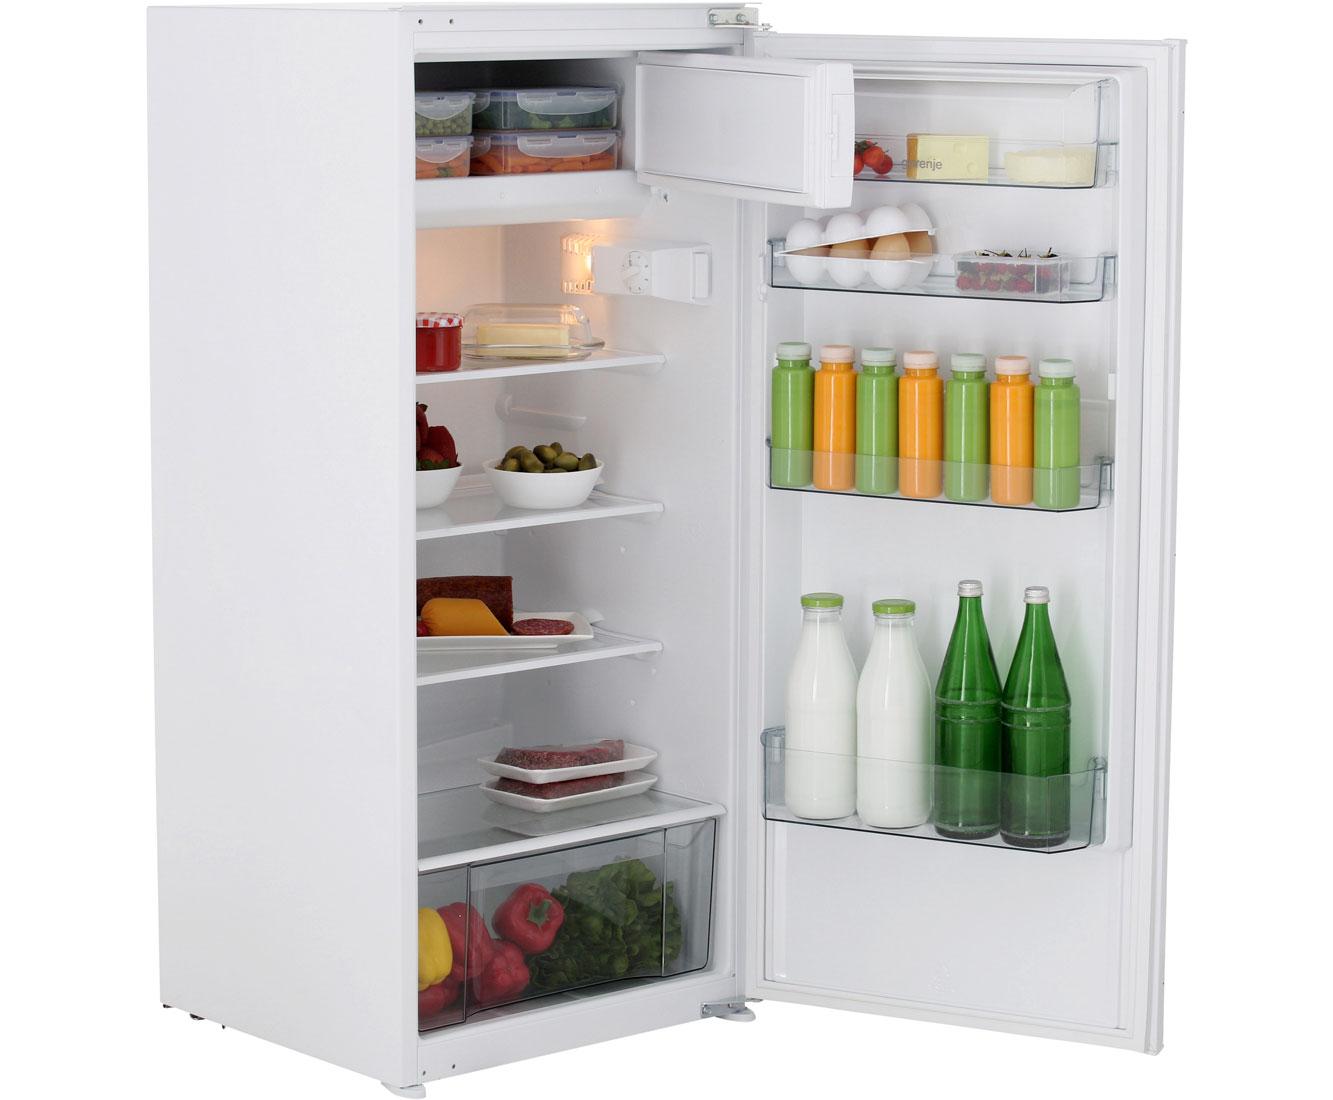 Gorenje Kühlschrank Temperaturregler : Gorenje rbi aw einbau kühlschrank mit gefrierfach er